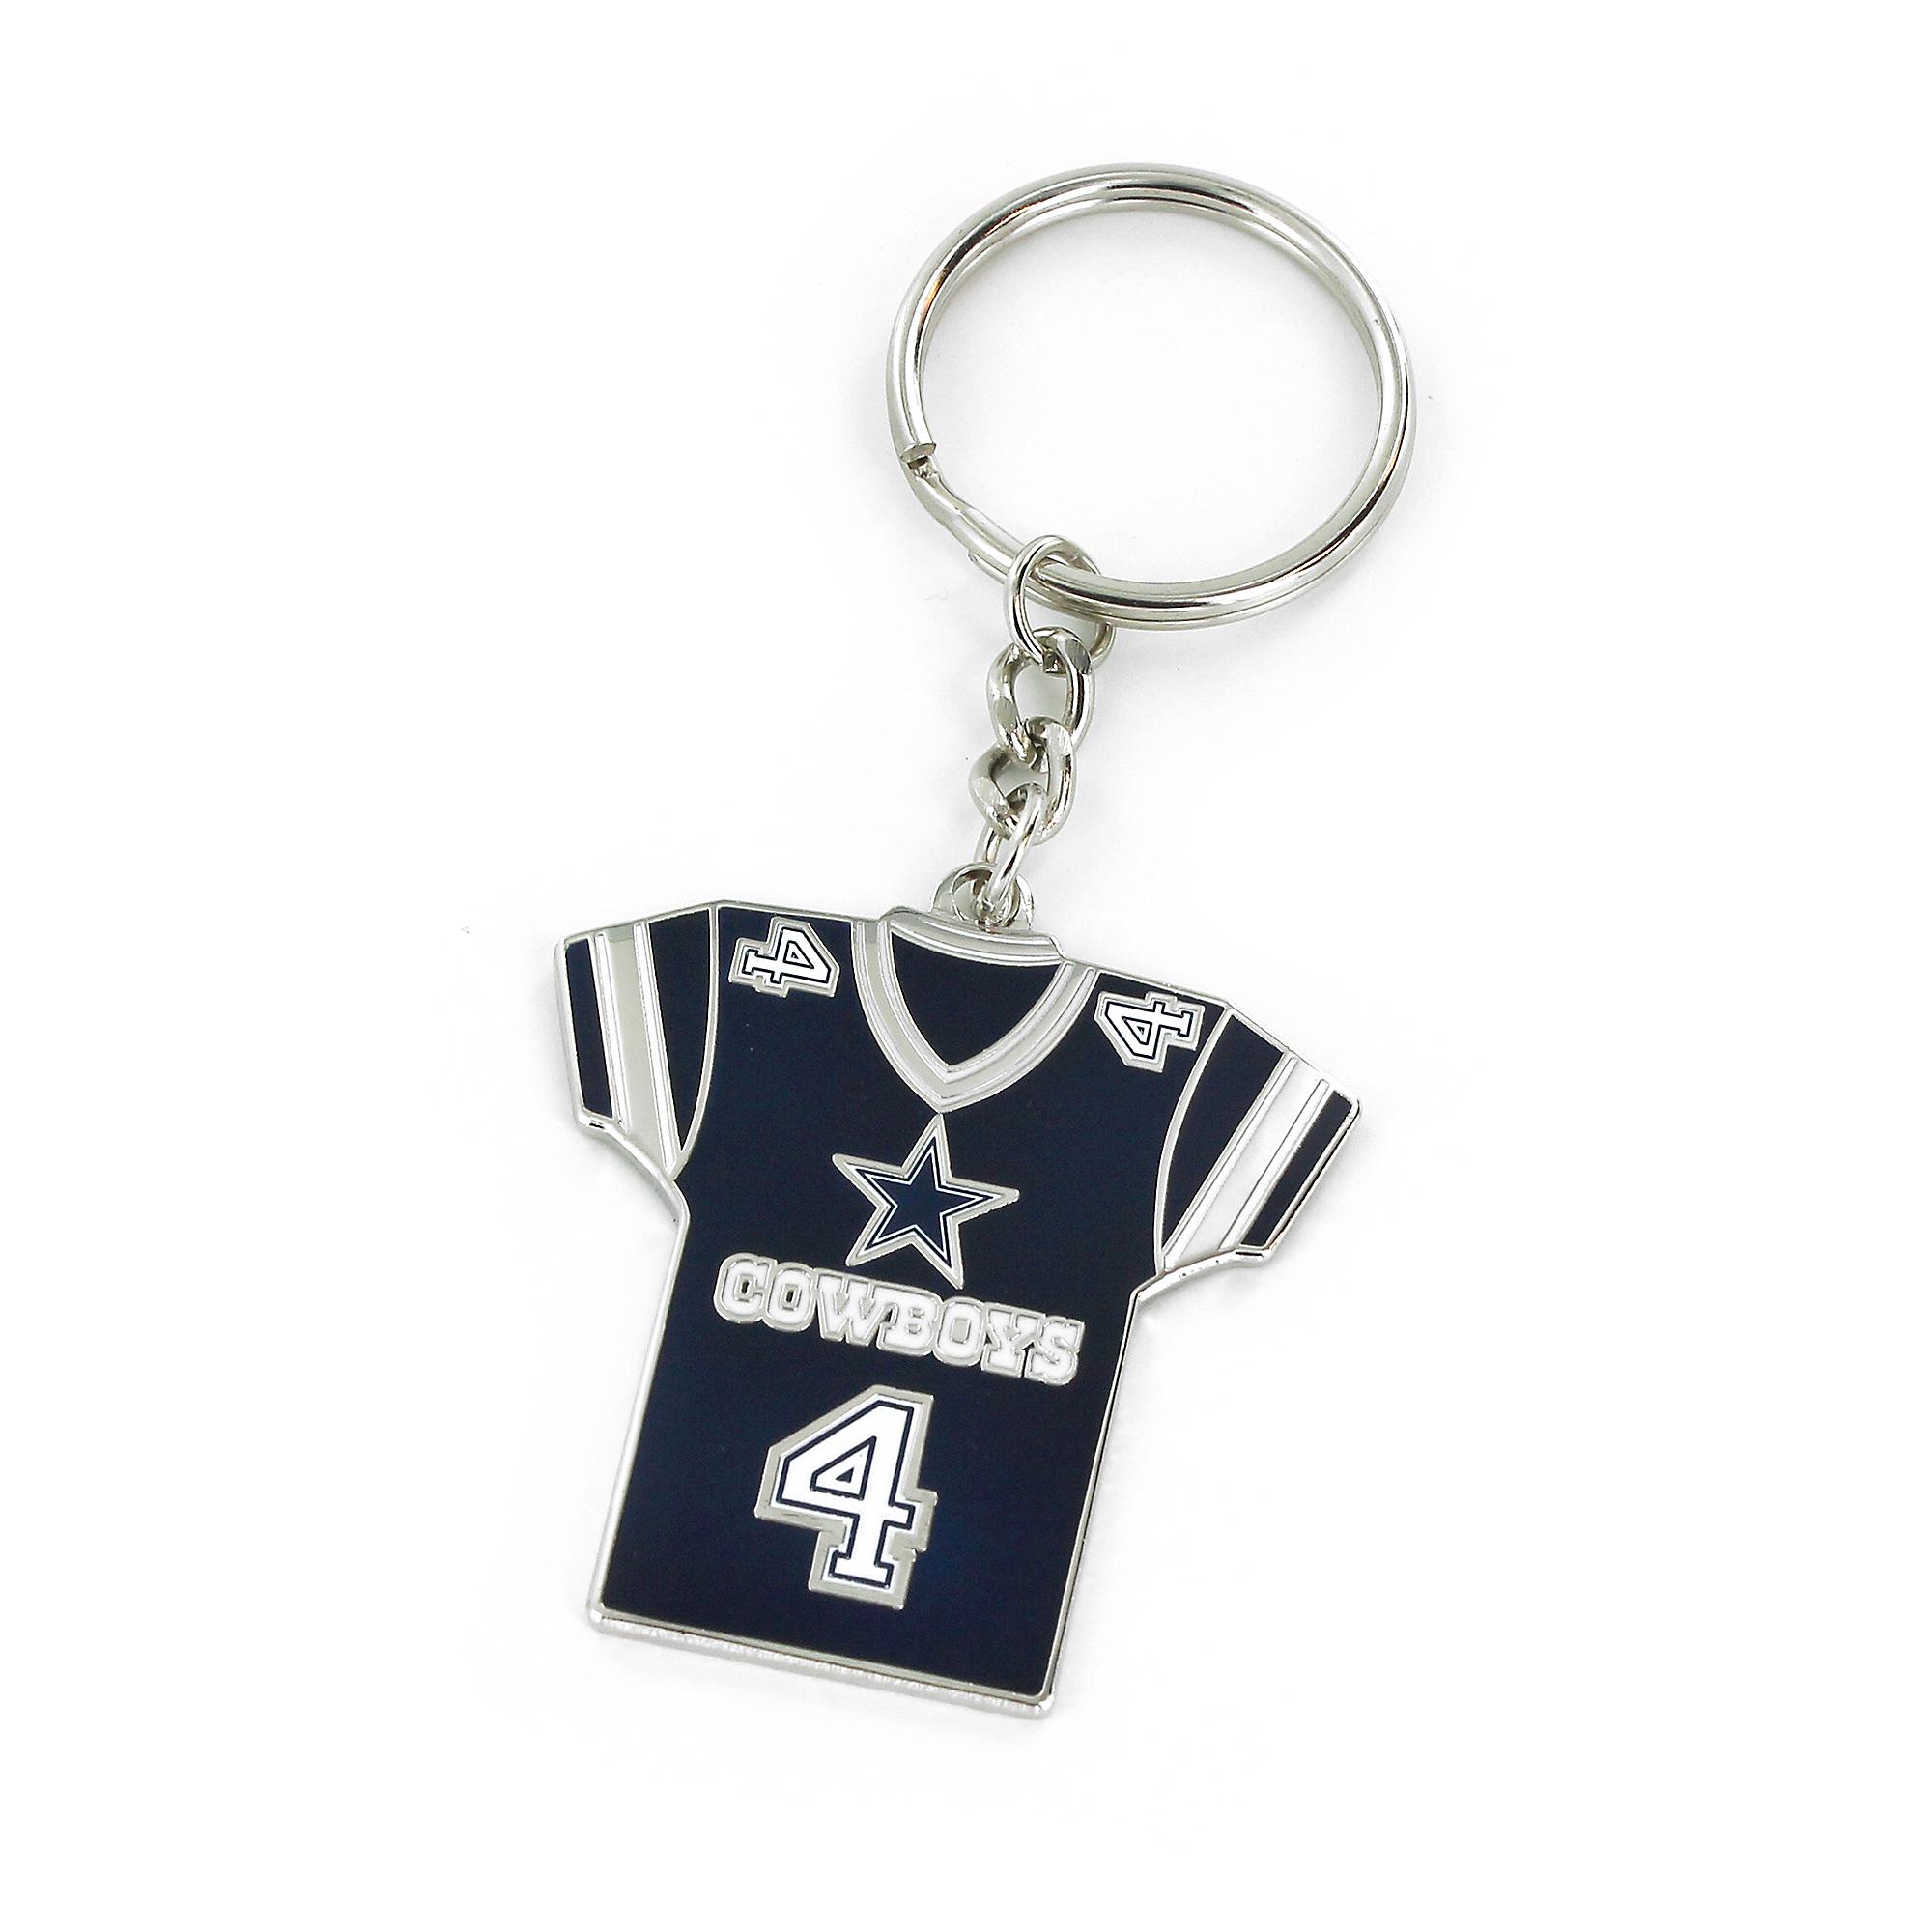 Dallas Cowboys Dak Prescott Jersey Key Tag  f8e6d2713